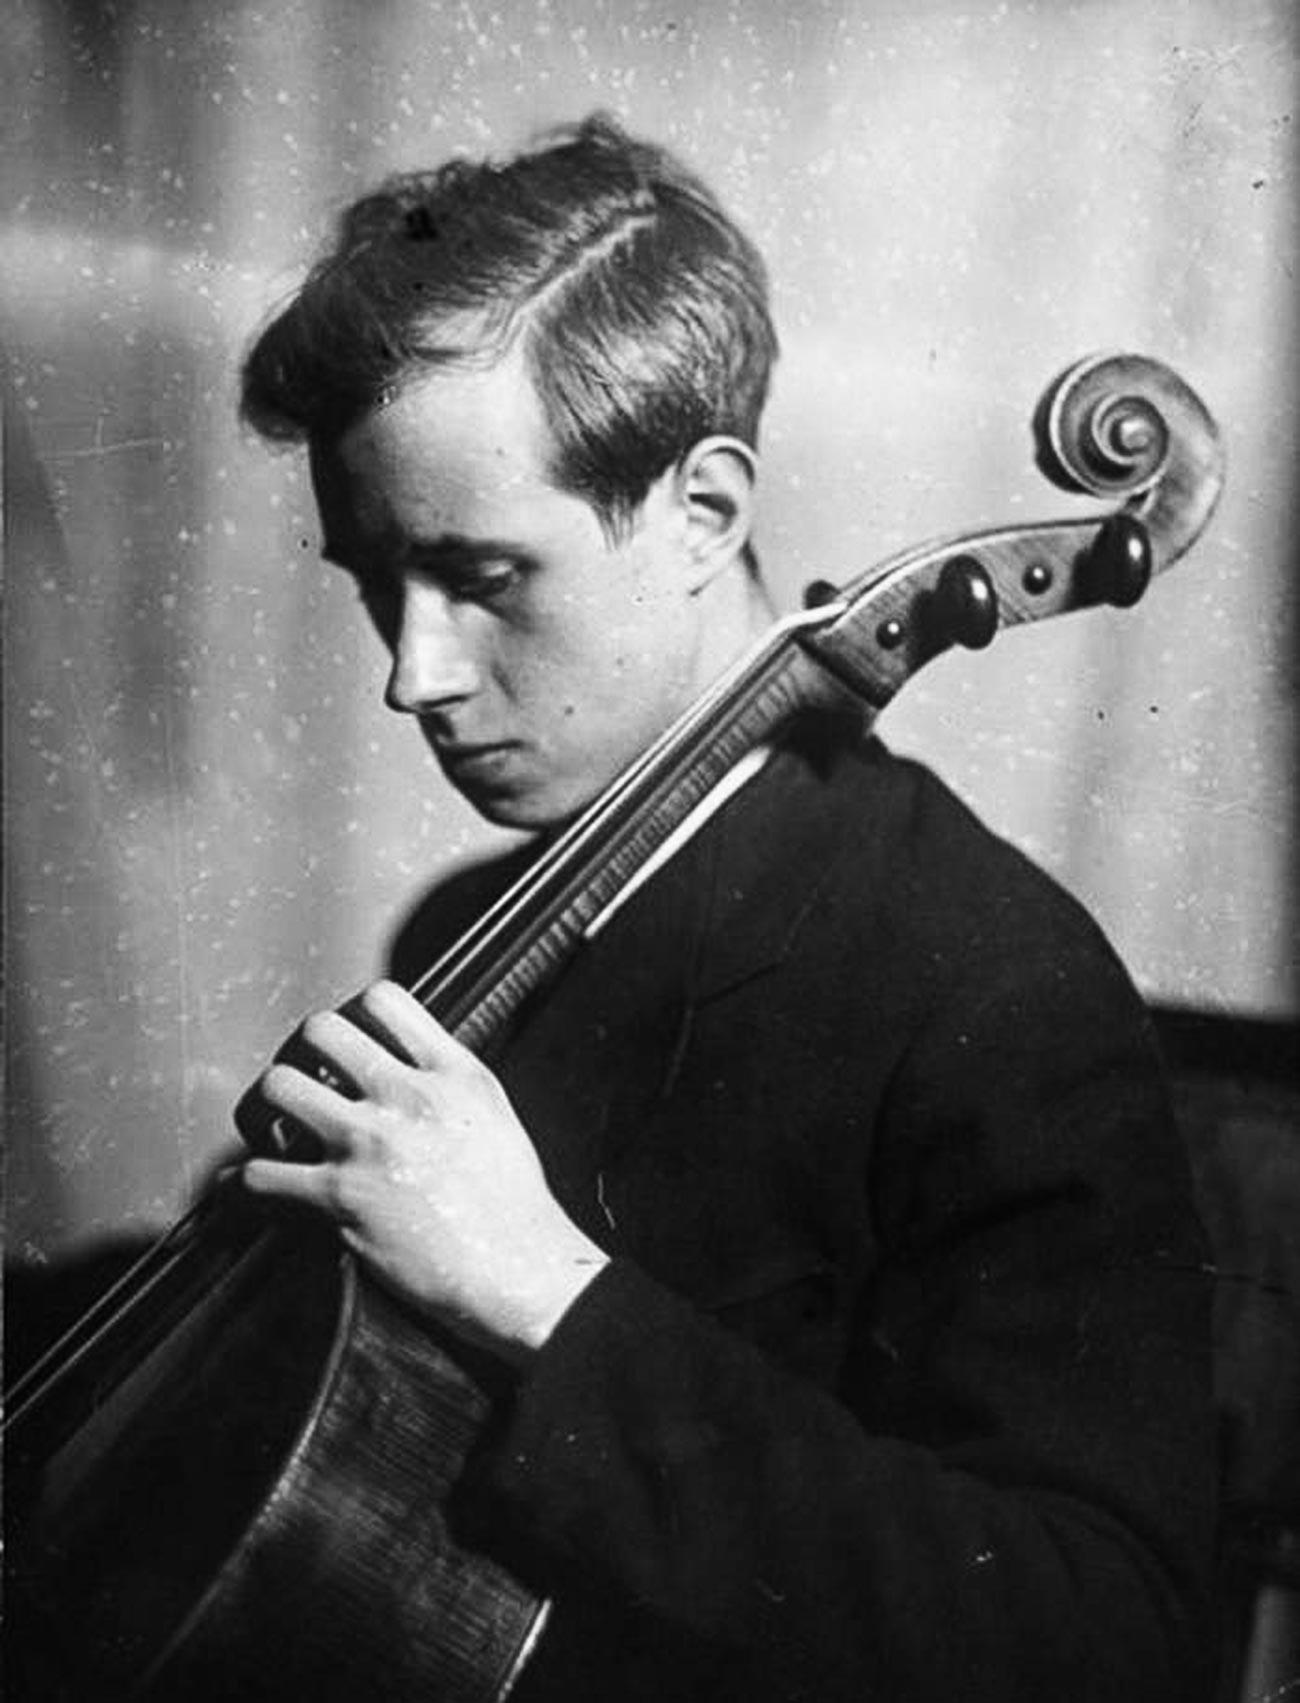 Musician and composer Mstislav Rostropovich